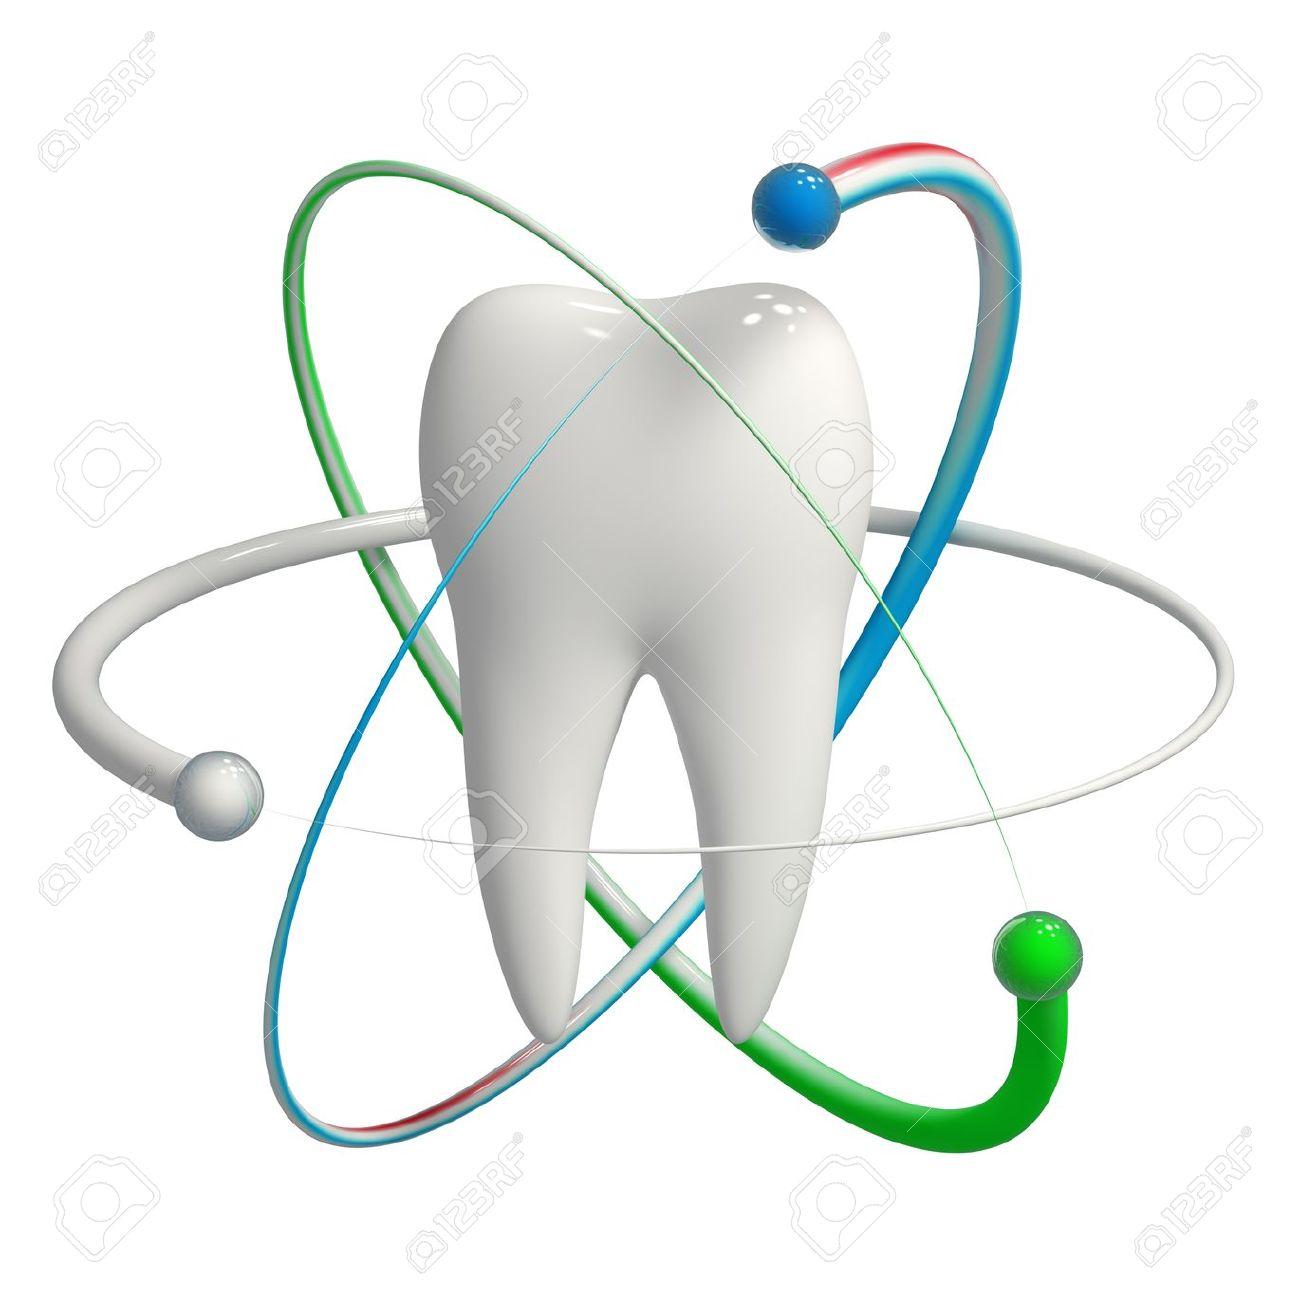 dental care dental clinic in vidhyadhar nagar jaipur book